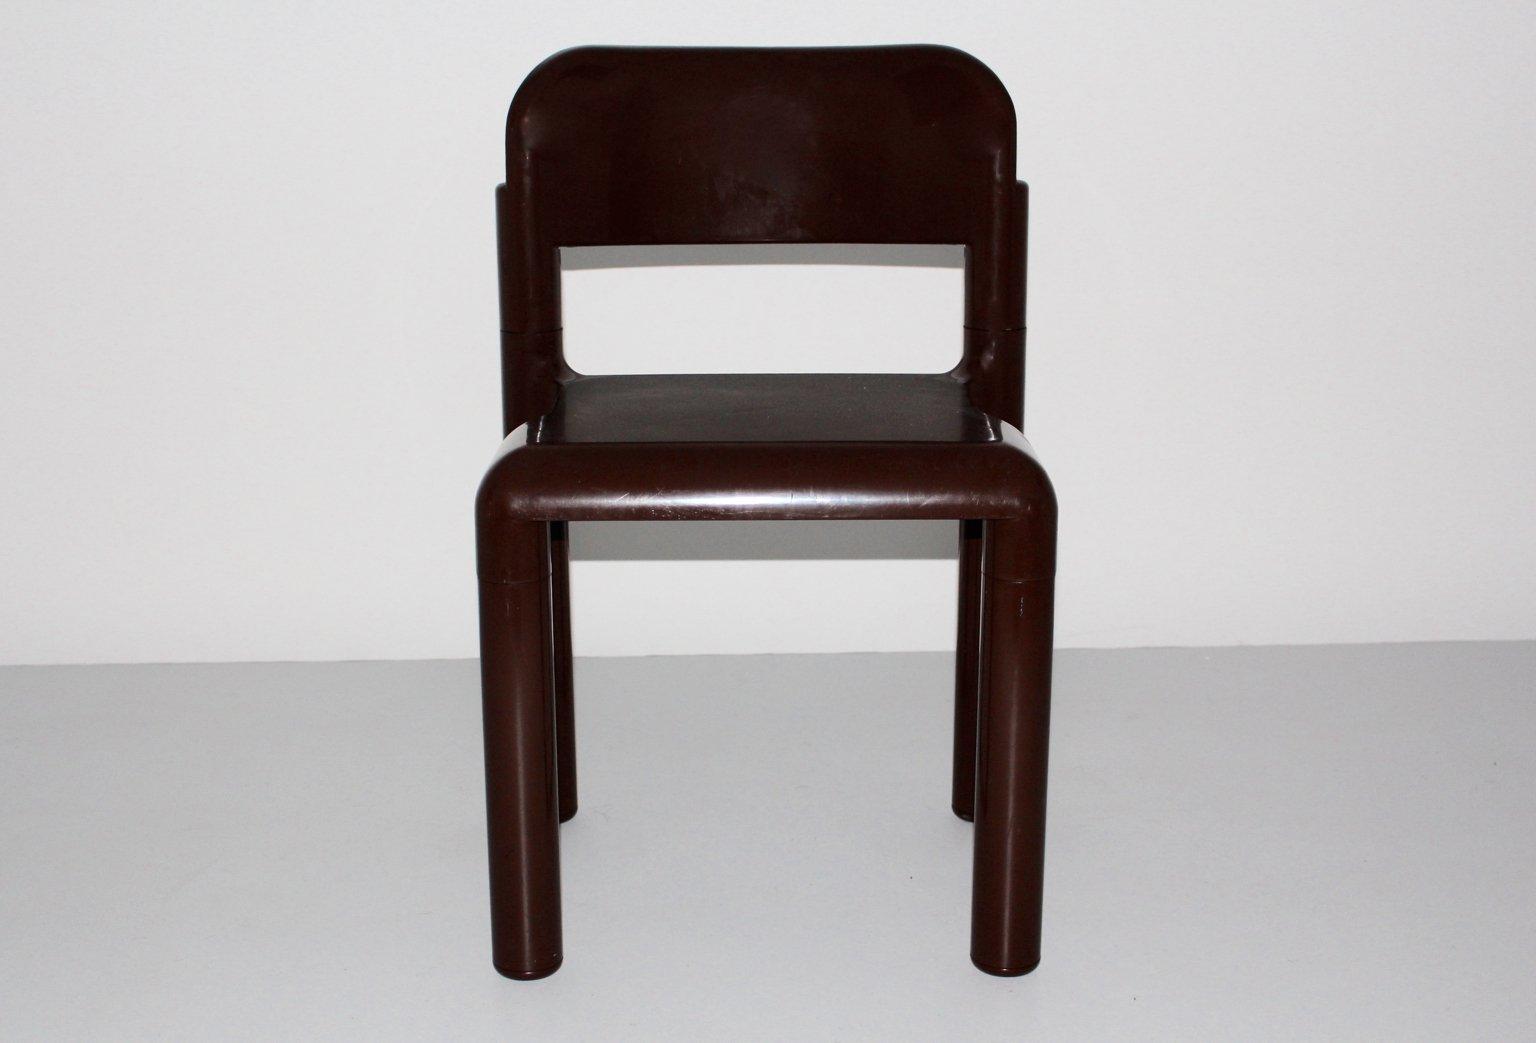 Brauner stuhl aus plastik von eerio aarnio f r upo for Brauner stuhl